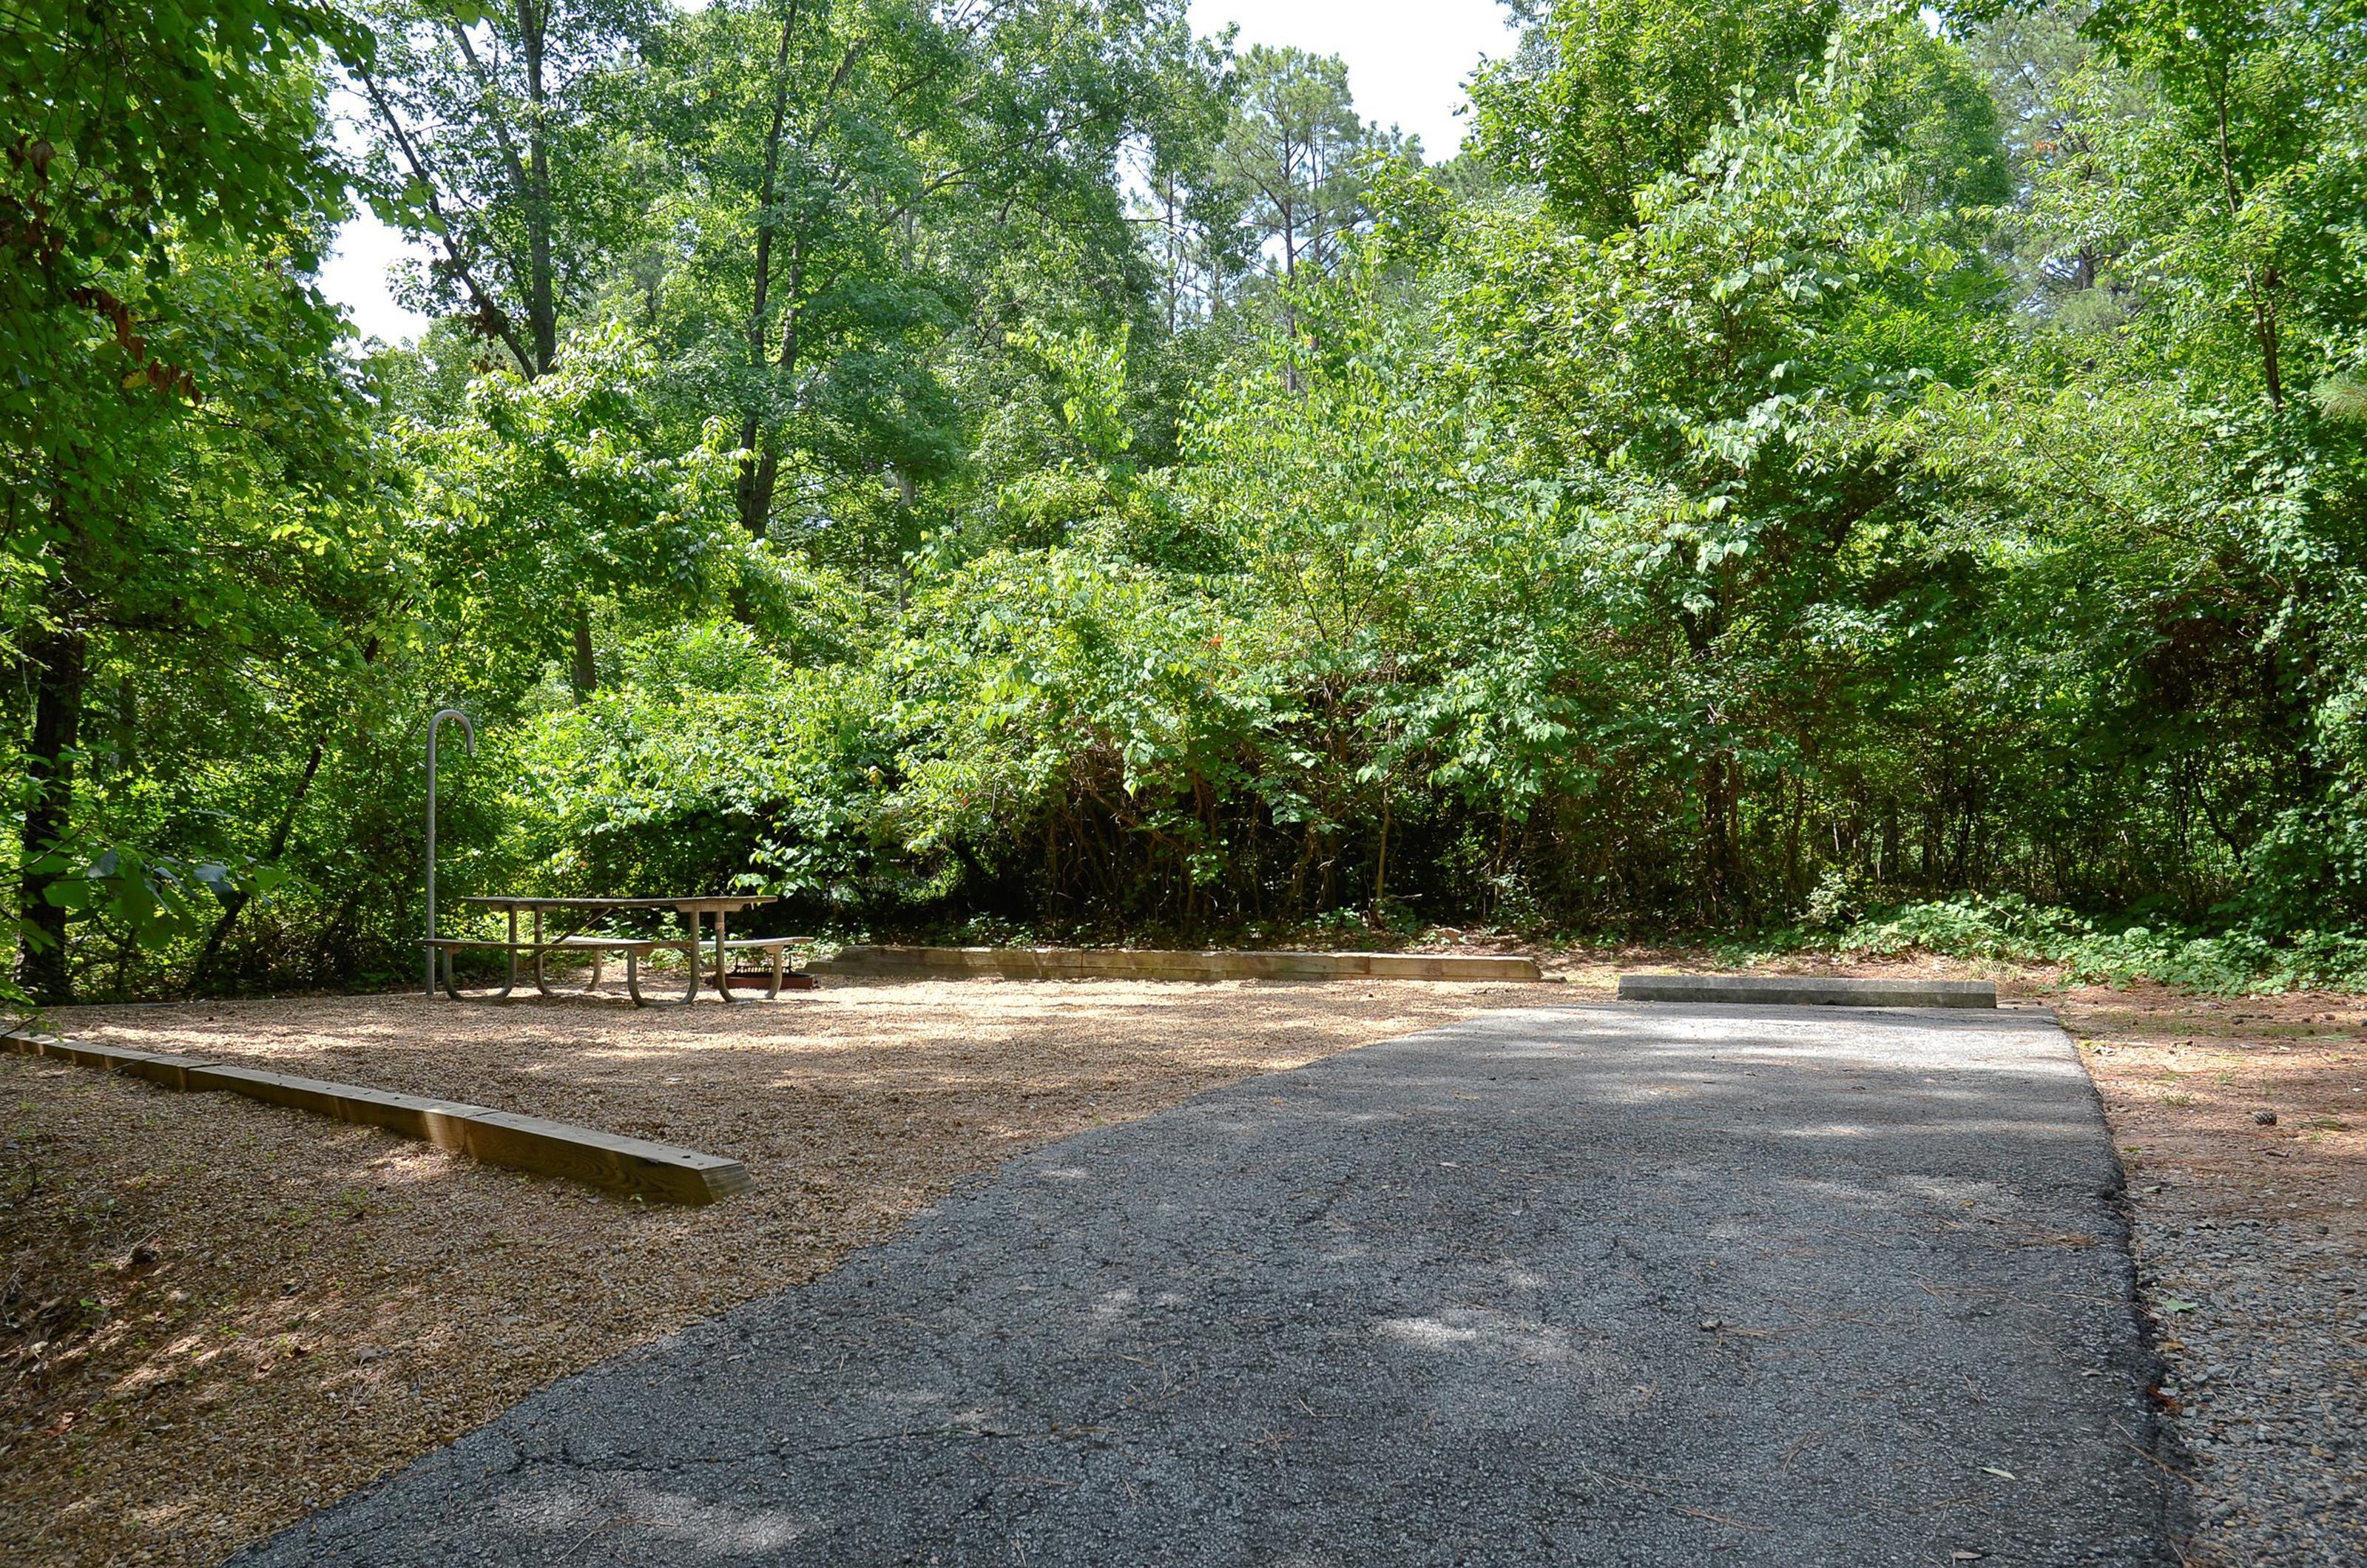 McKinney Campground Site 18